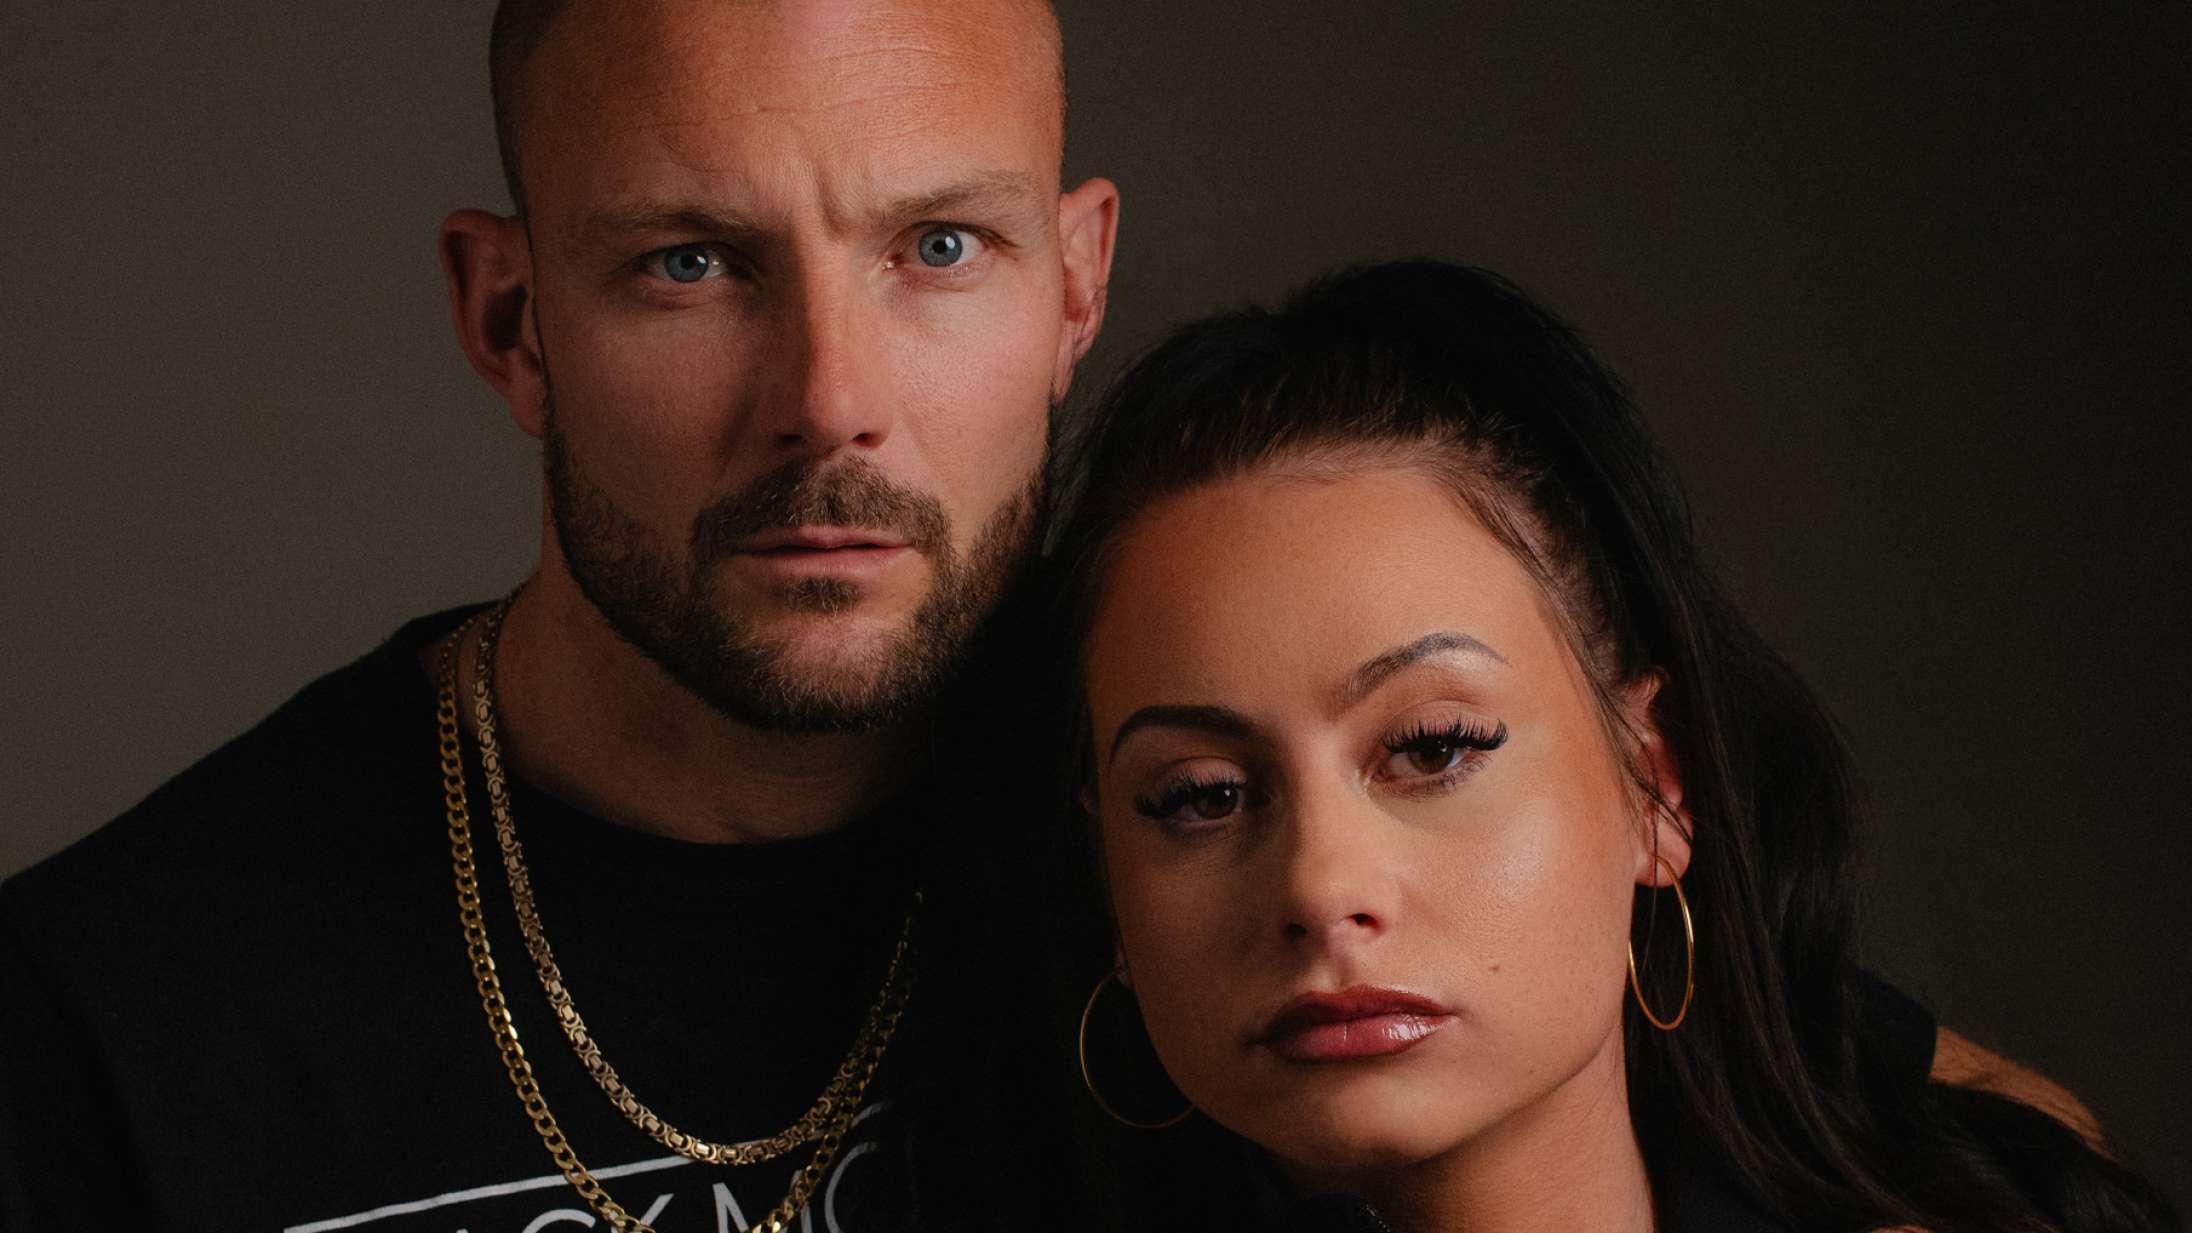 Tessa og Orgi-E hylder Vestegnen på ny single – hør 'Blæstegnen'